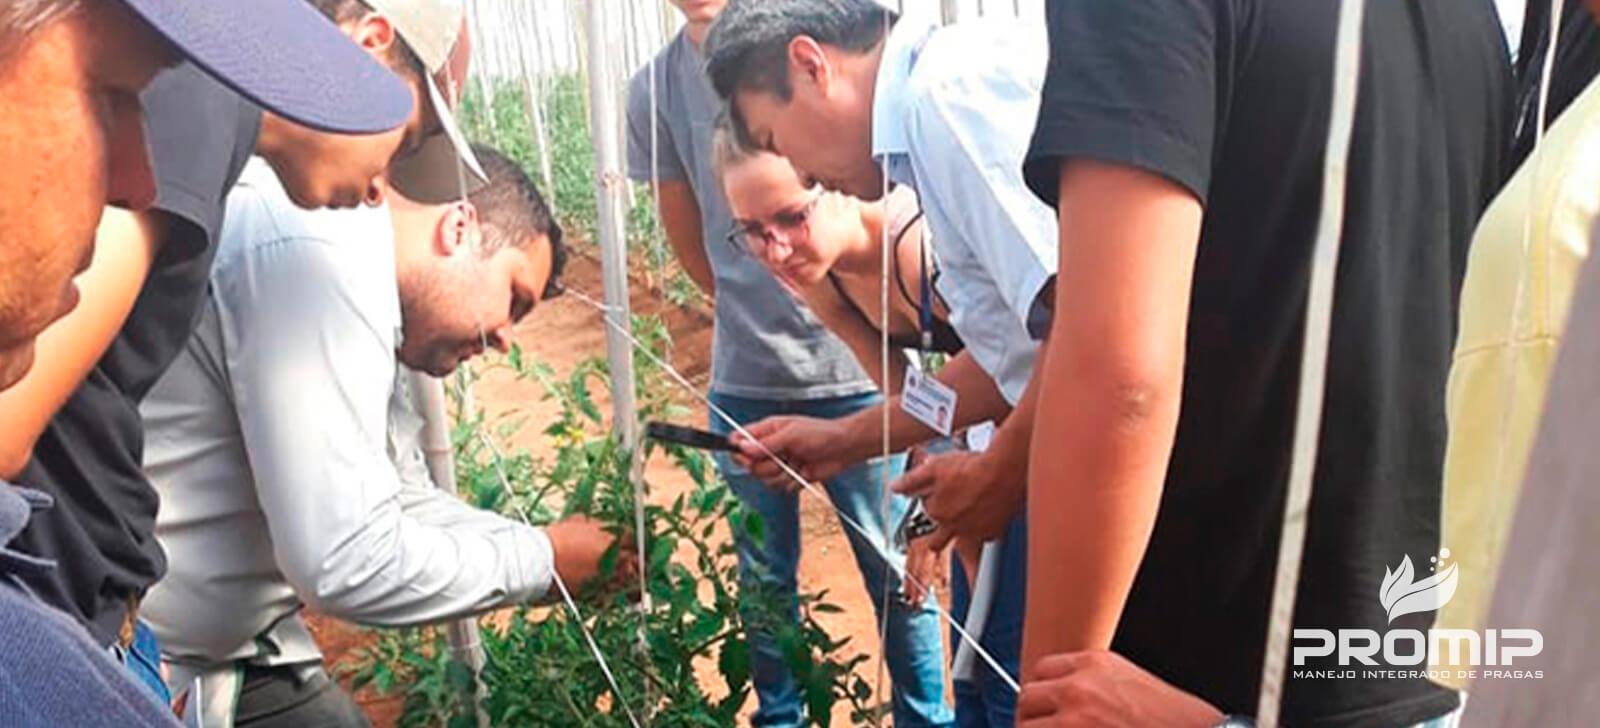 PROMIP realiza treinamentos em manejo integrado de pragas a produtores da região de Marília